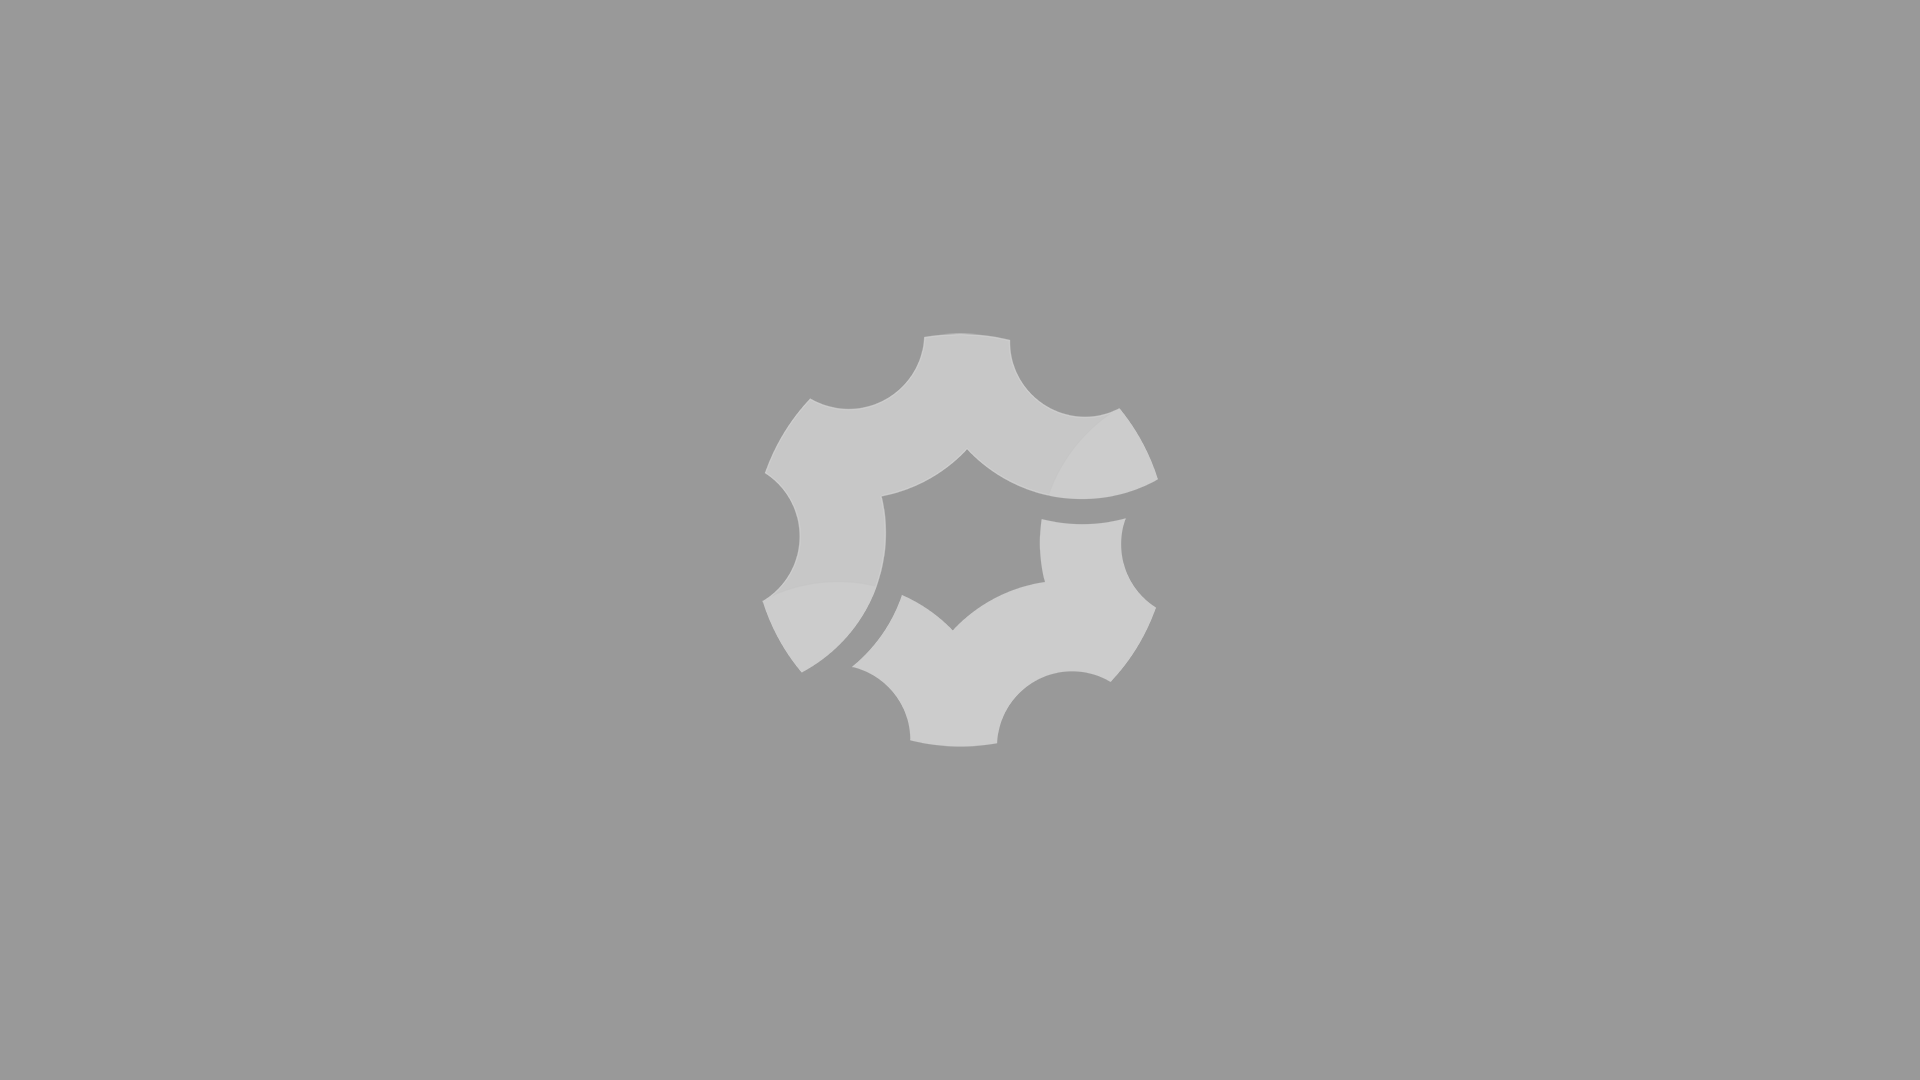 snowrunner_ksiva_p_d7b4f_2021-04-18_11_39_54.png